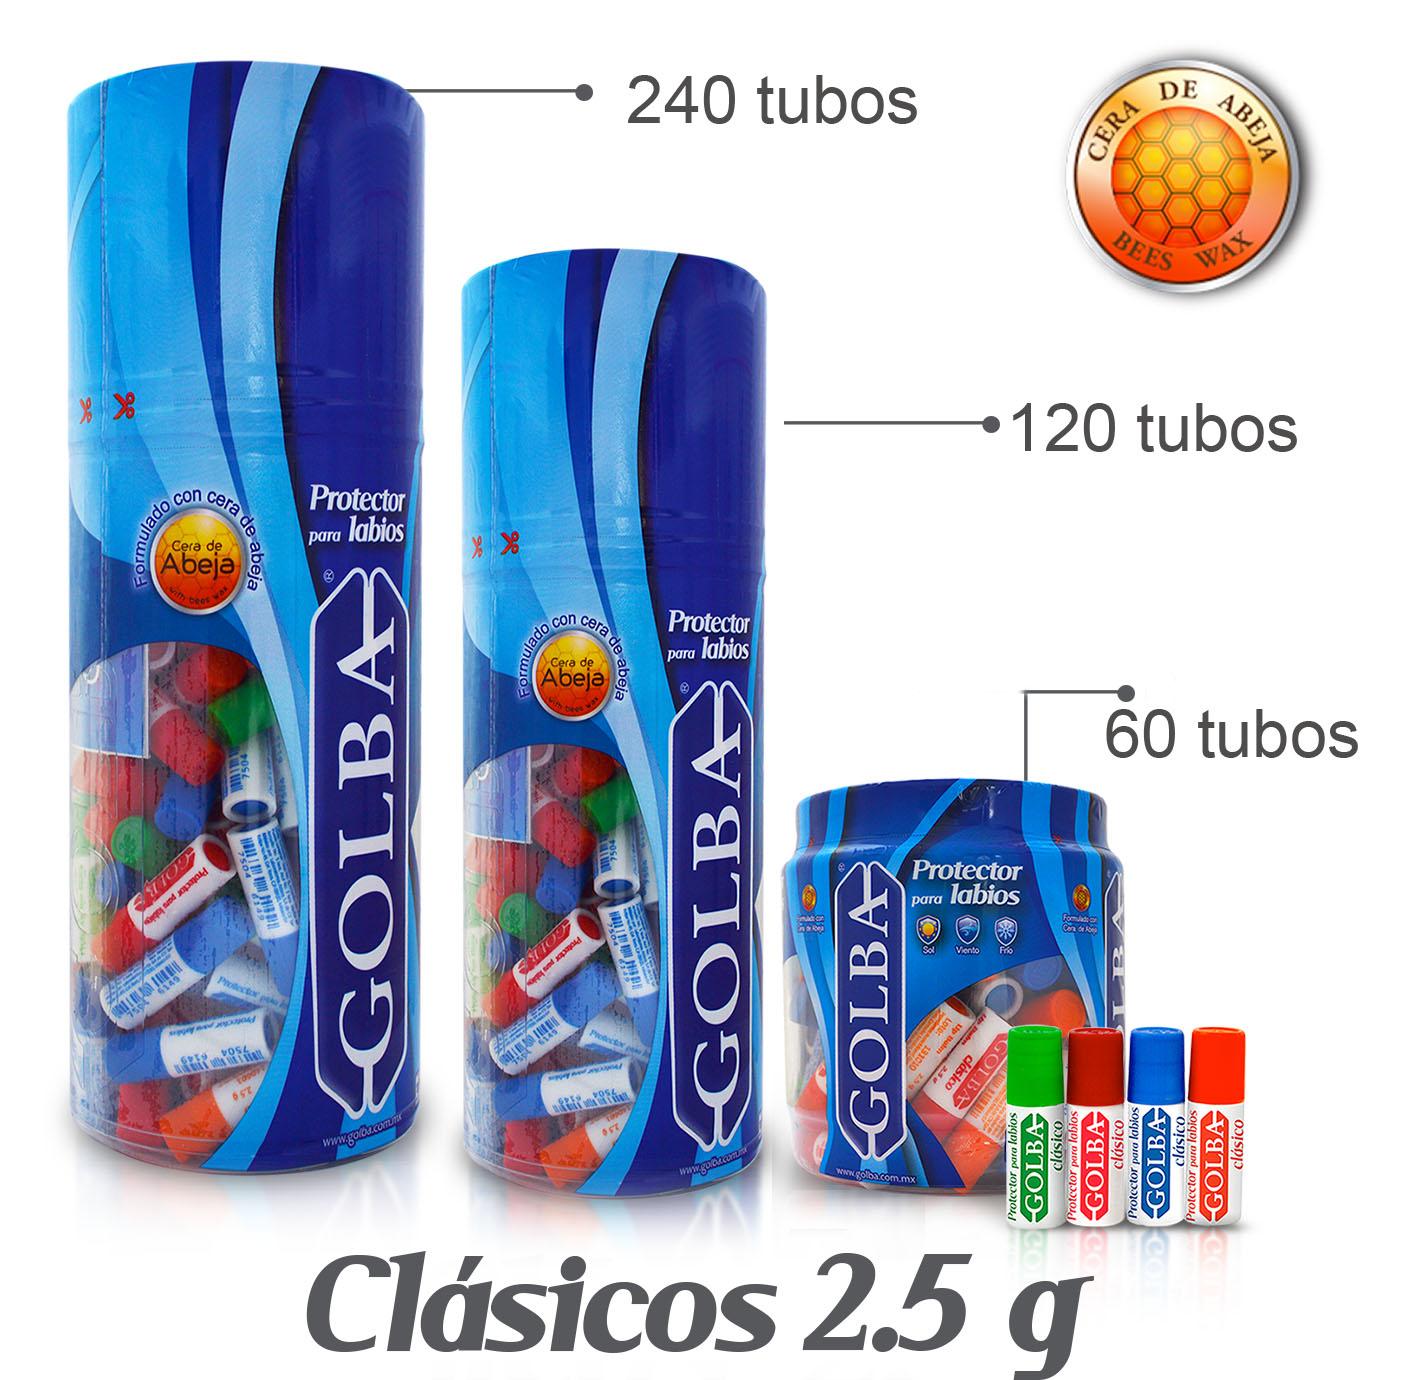 Exhibidores 2.5 g